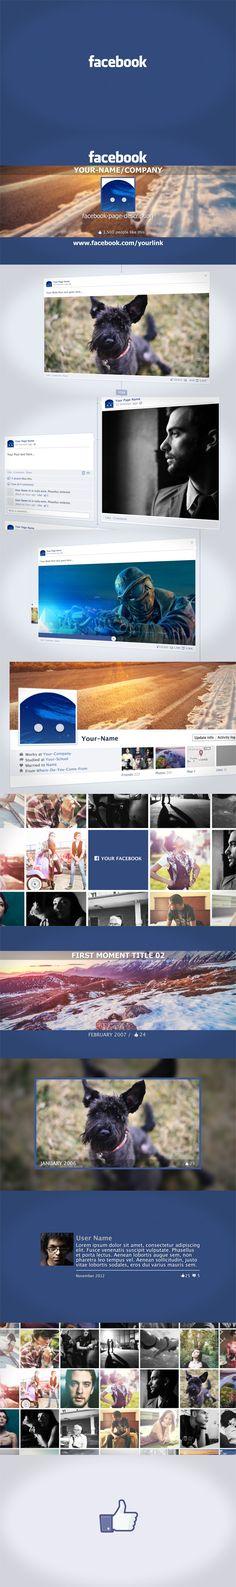 10 DRSNÝCH DŮCHODCŮ, KTEŘÍ PŘEKVAPUJÍ SVĚT Video Pinterest - timeline templates